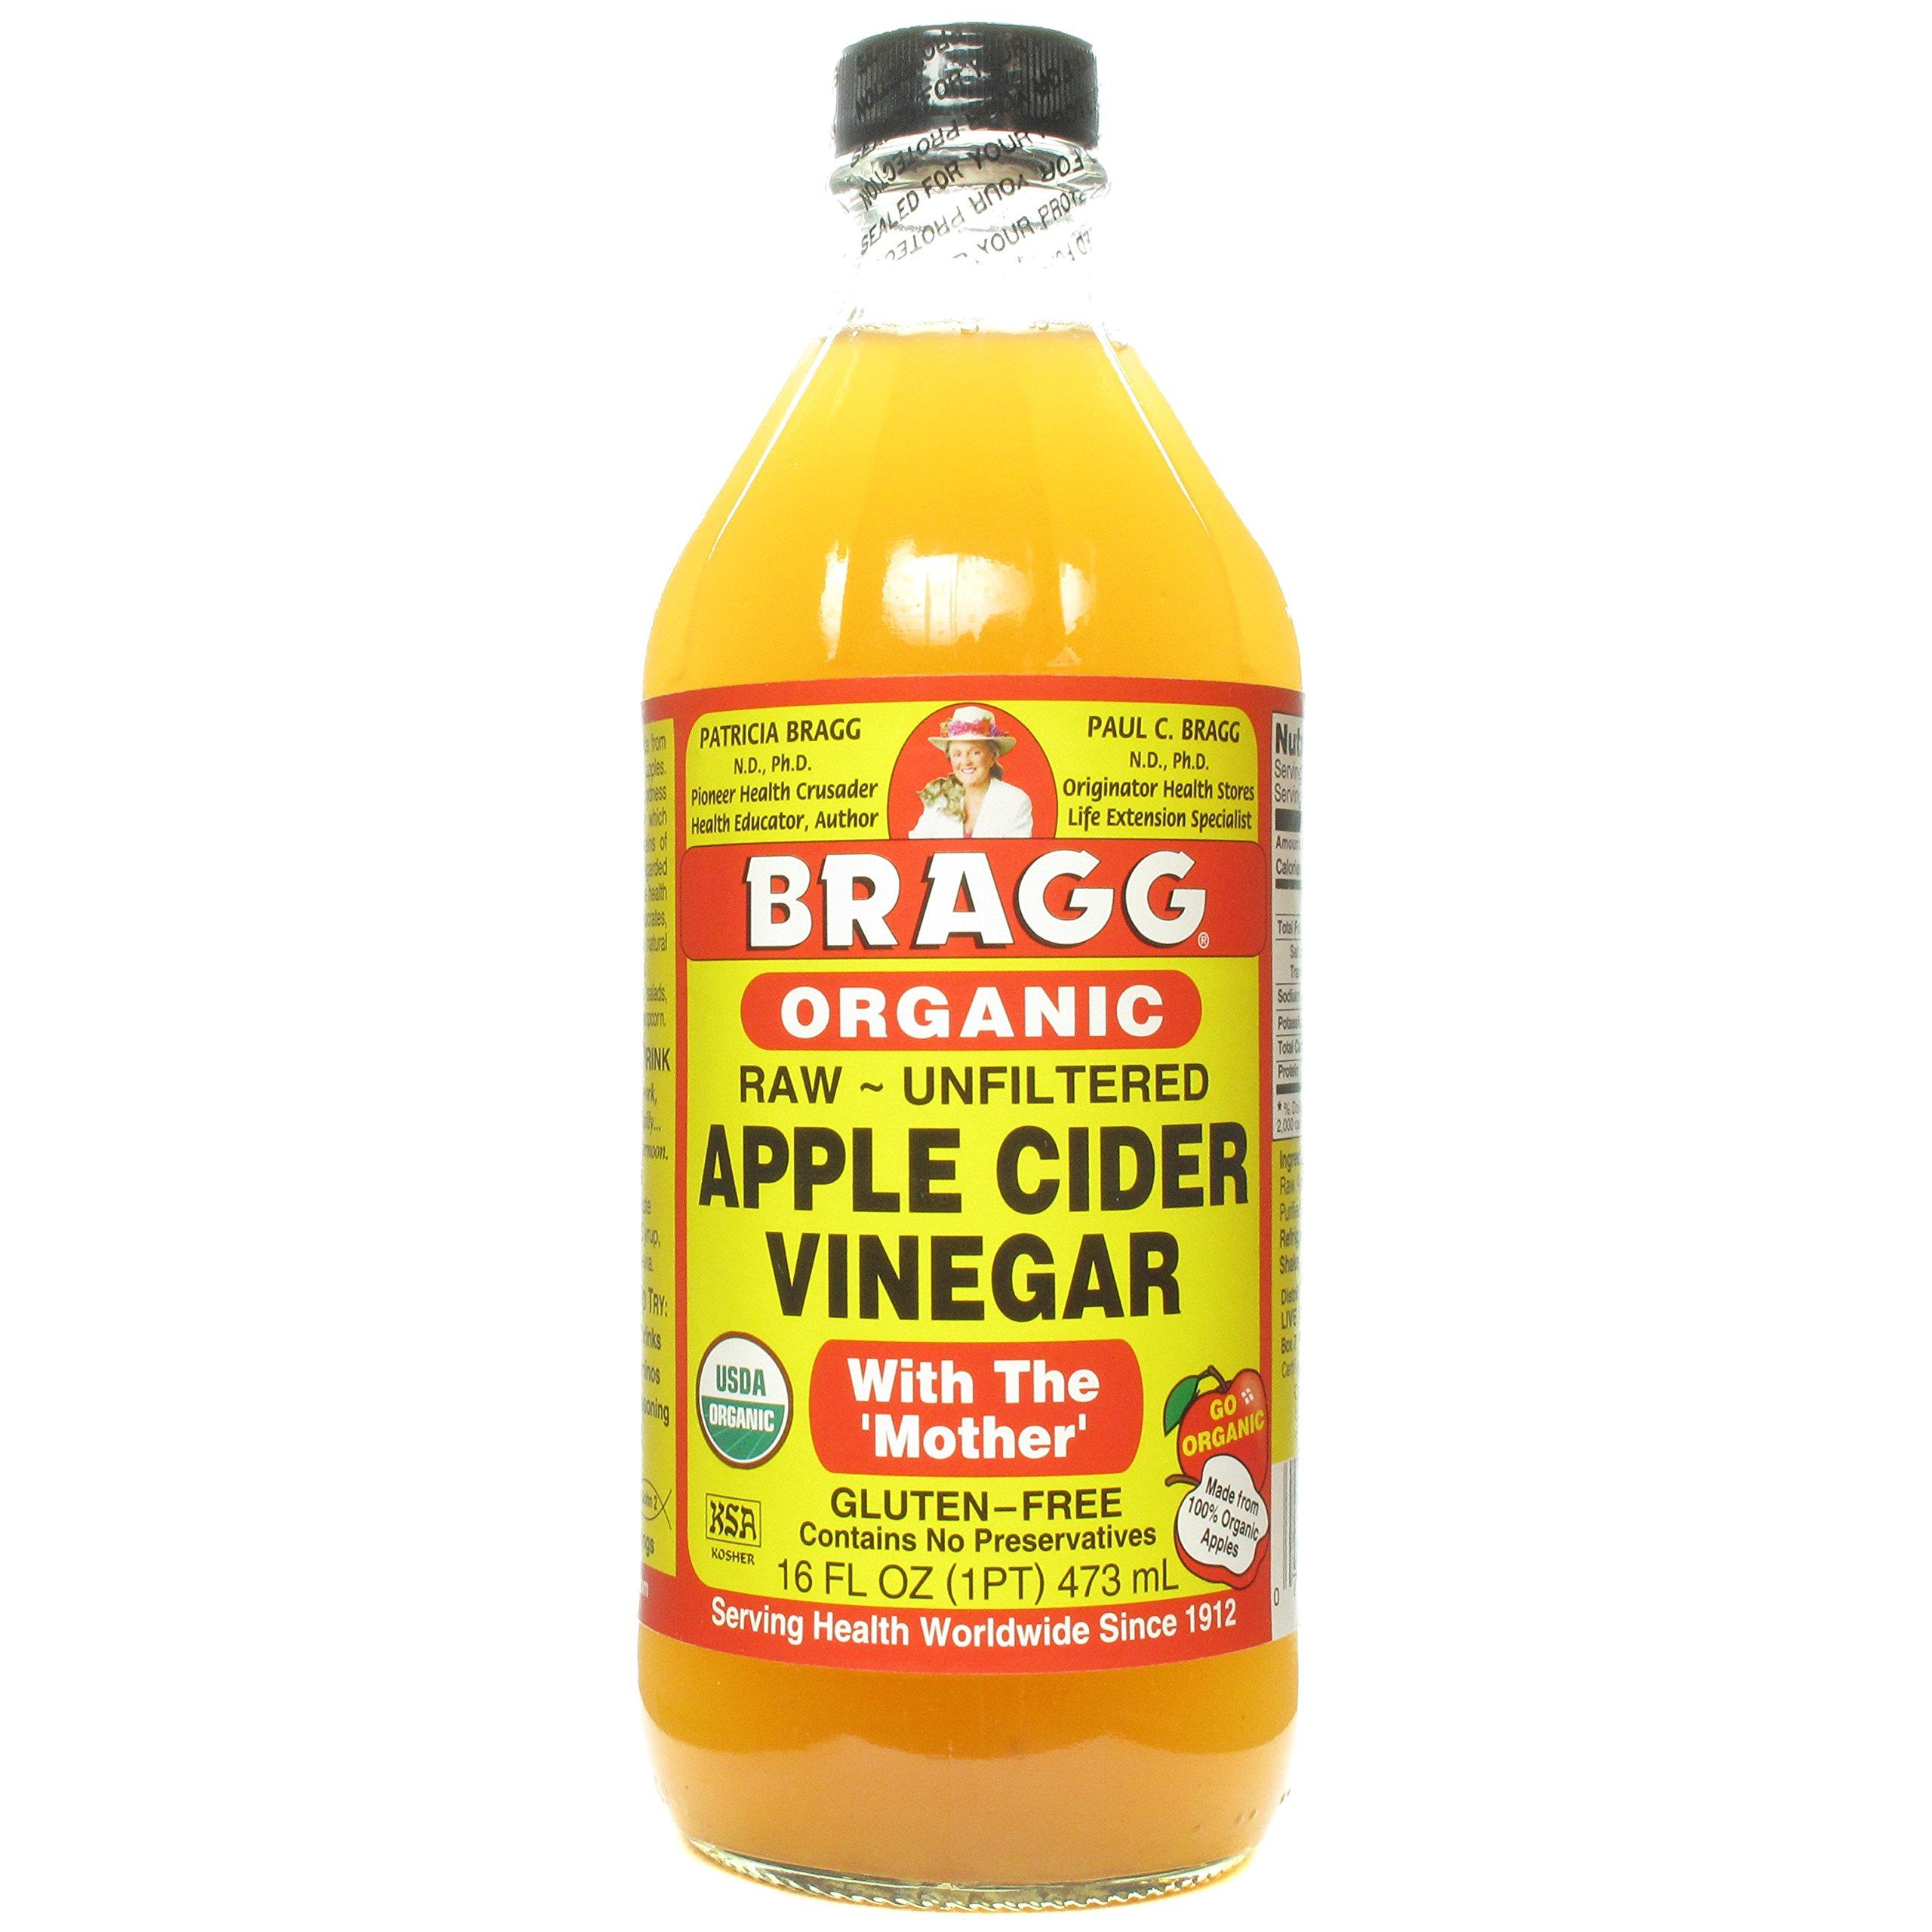 BRAGG VINEGAR APPLE CIDER UNF ORG, 16 OZ by Bragg